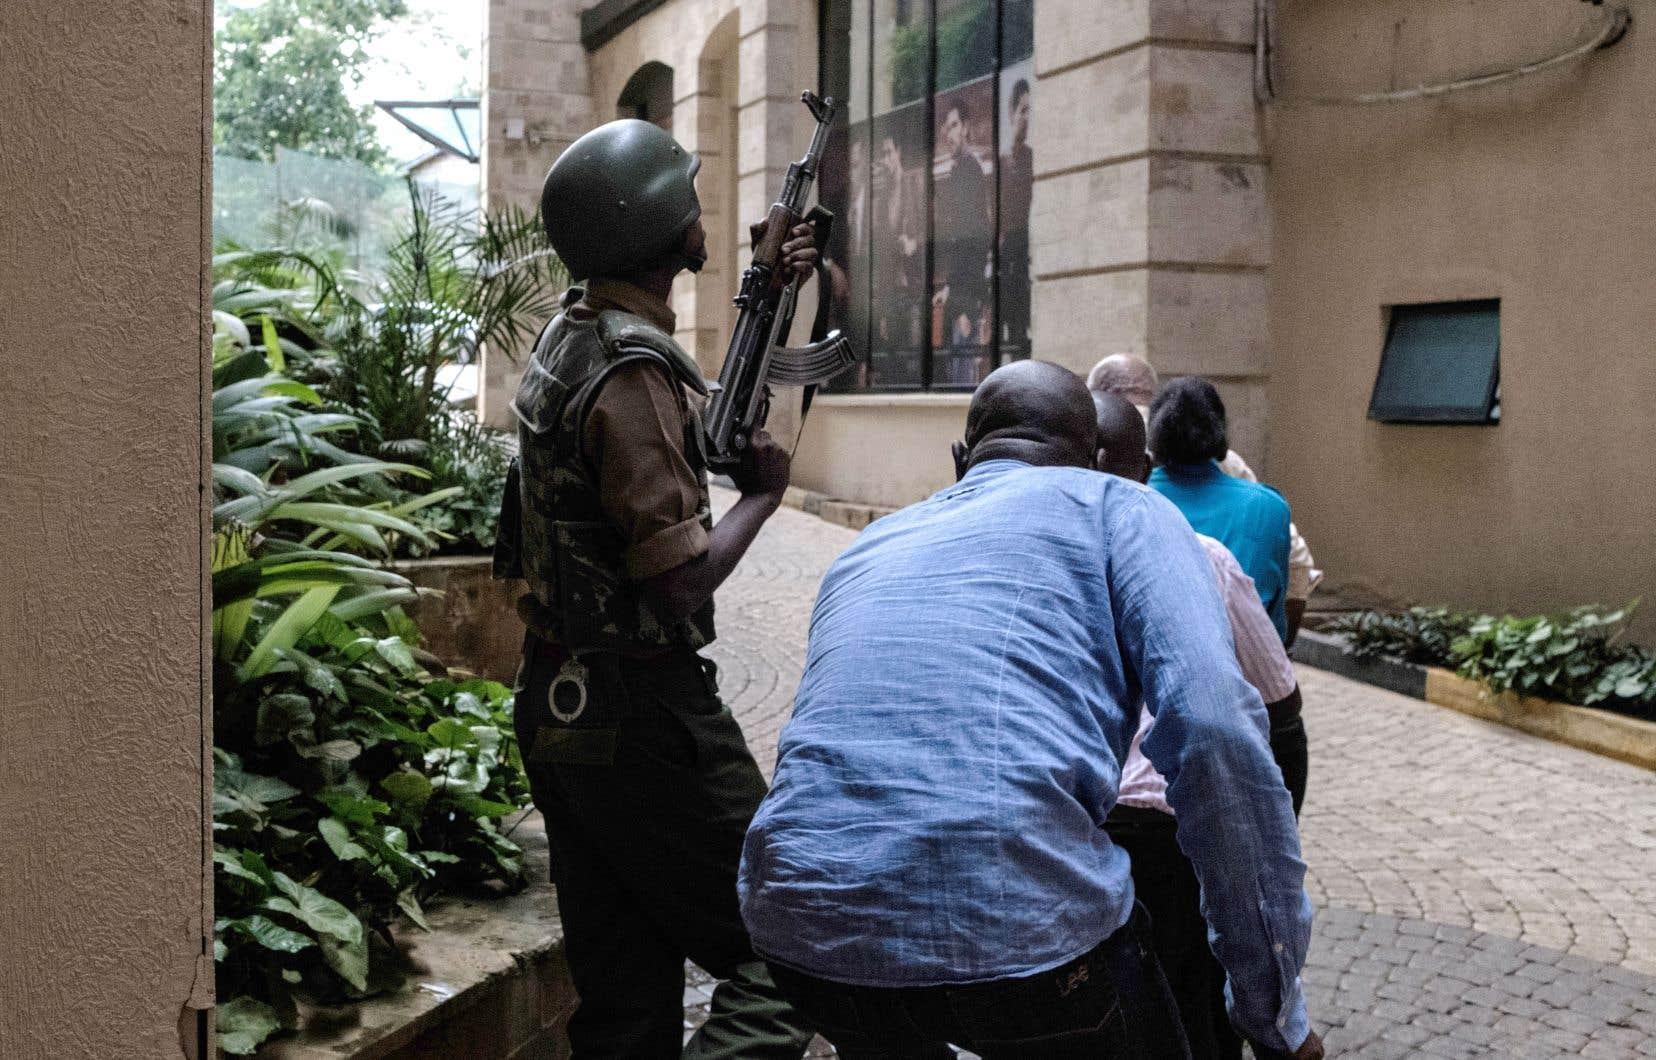 Les occupants du complexe hôtelier ont été évacués par les forces de l'ordre, tout comme de nombreuses personnes du complexe et des immeubles voisins.